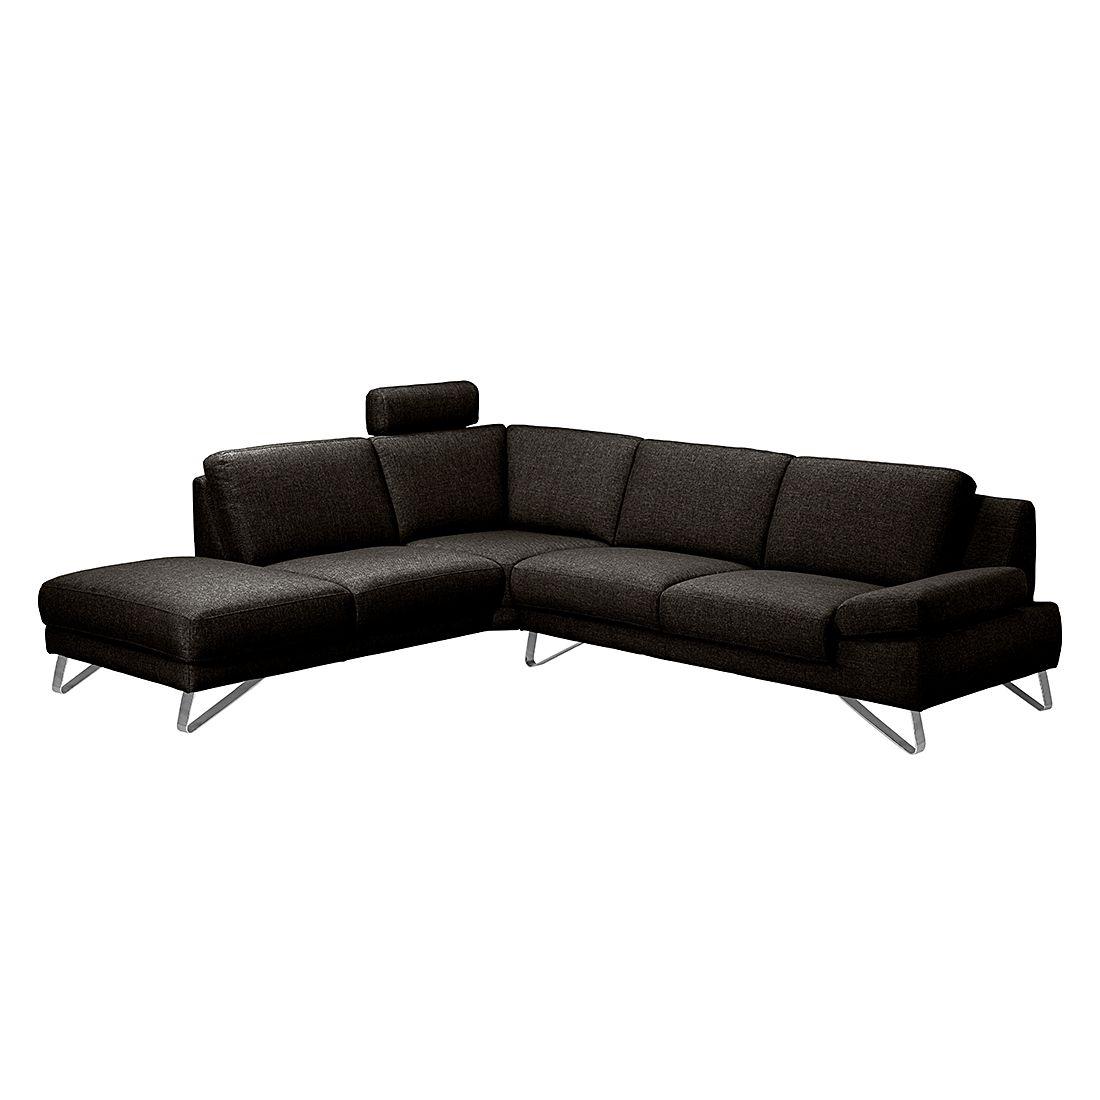 ecksofa silvano webstoff braun schwarz ottomane davorstehend links mit 1 kopfst tze. Black Bedroom Furniture Sets. Home Design Ideas